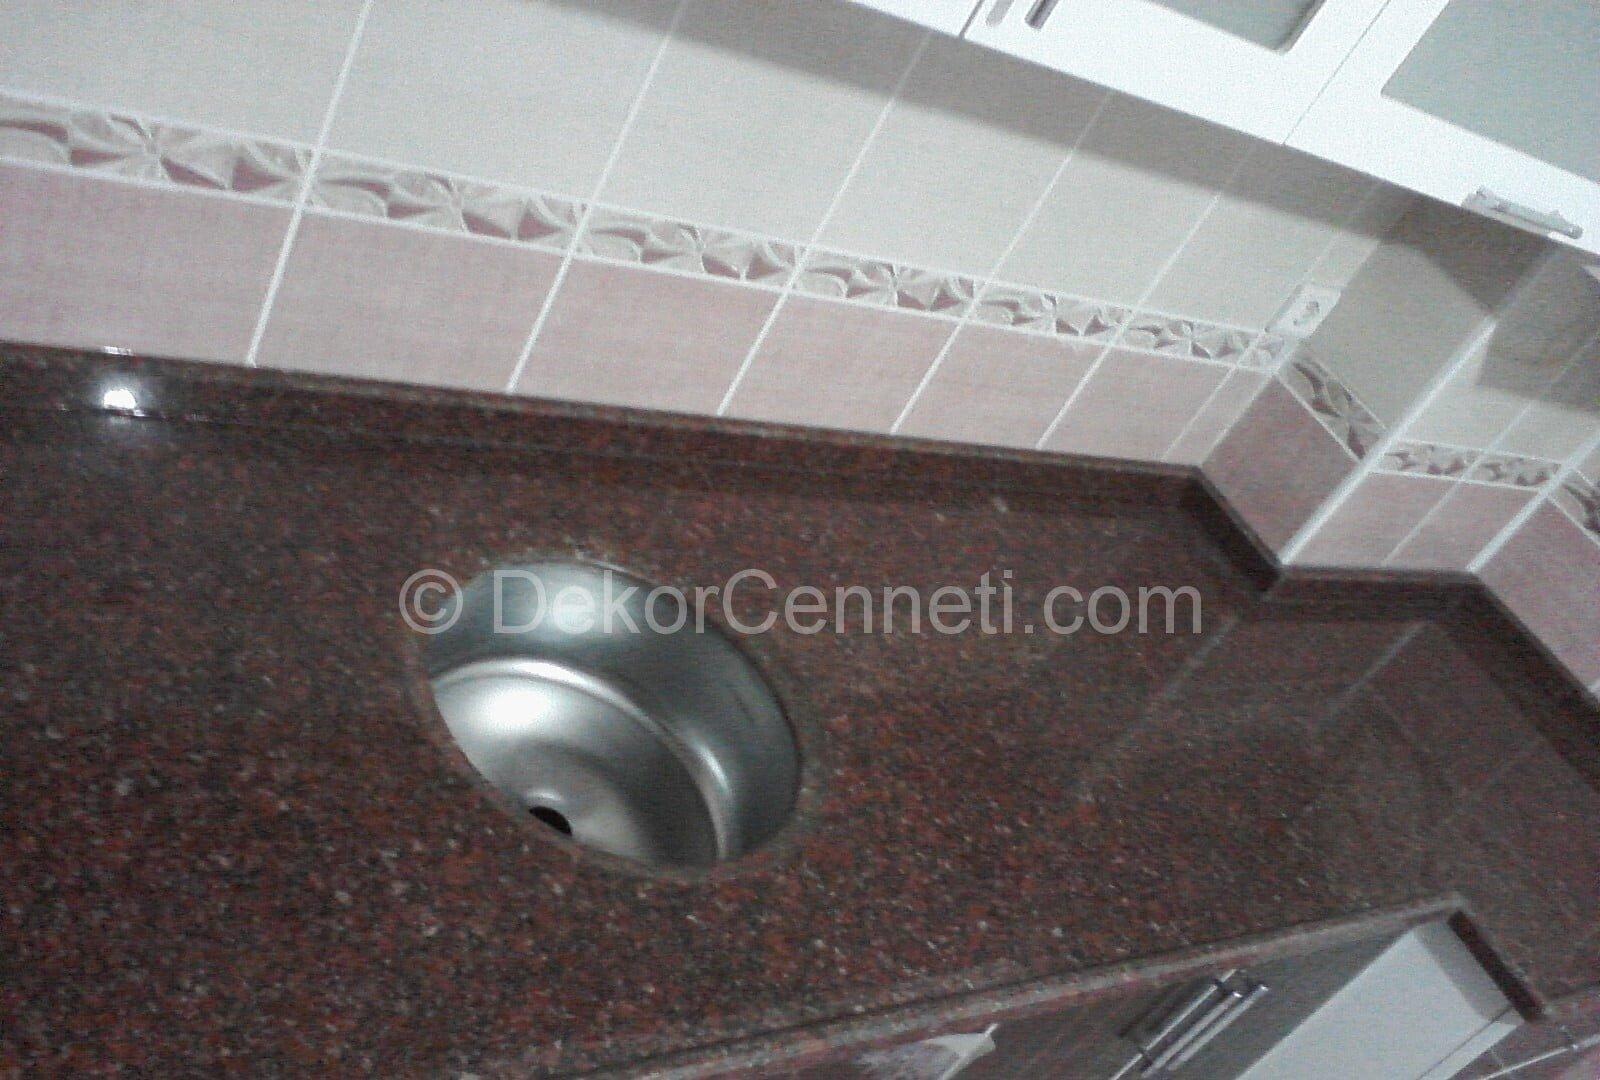 Şık granit mermer mutfak tezgahı Görselleri